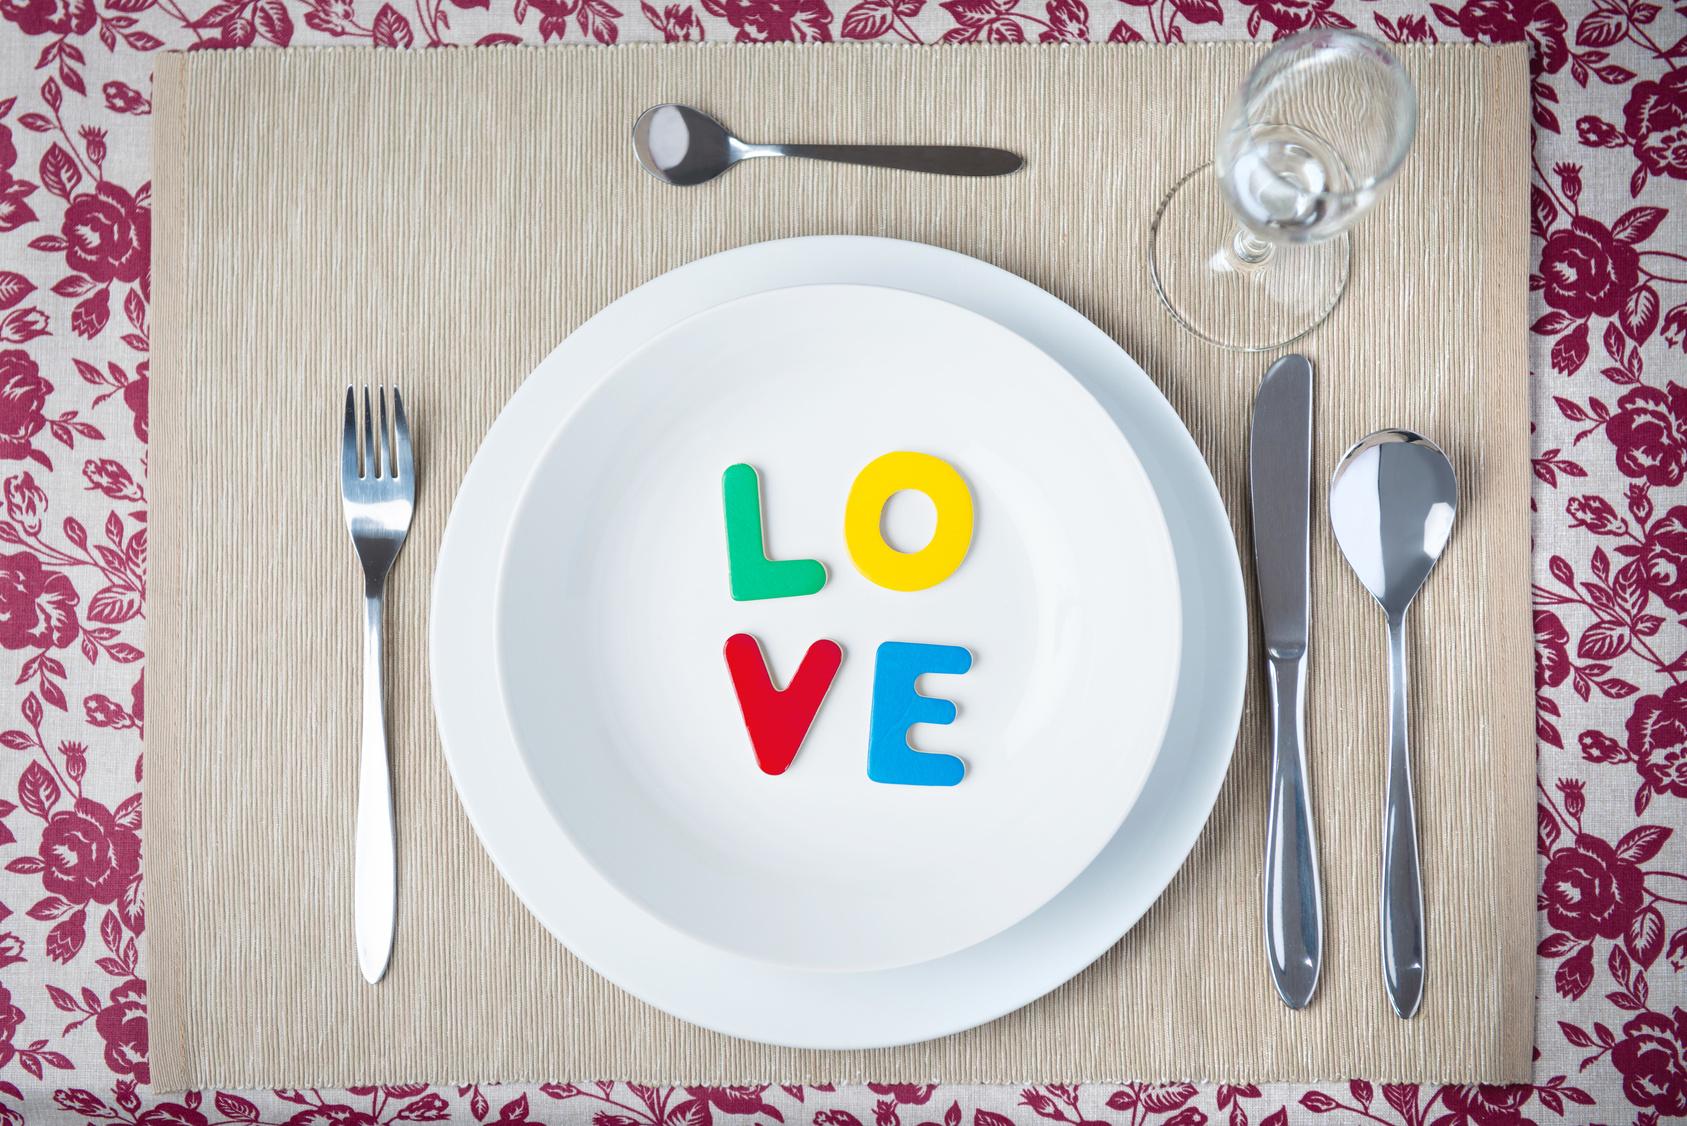 Tischdekoration mit Thema LOVE